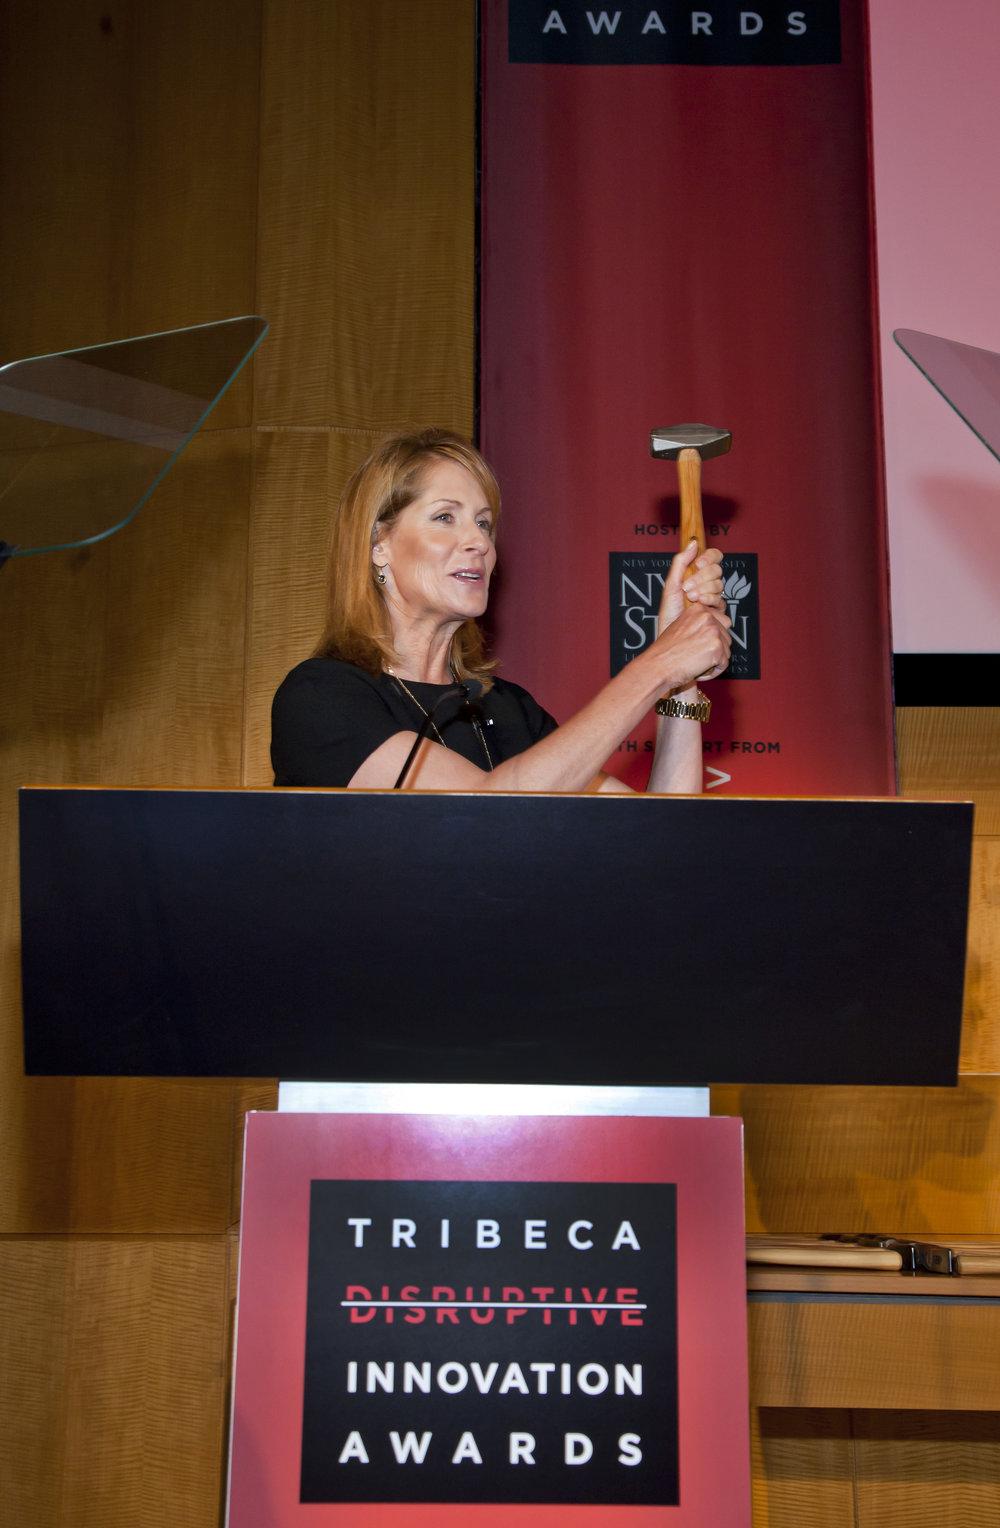 Tribeca_Disruptive_Innovation_Awards_MargaritaCorporan08.jpg